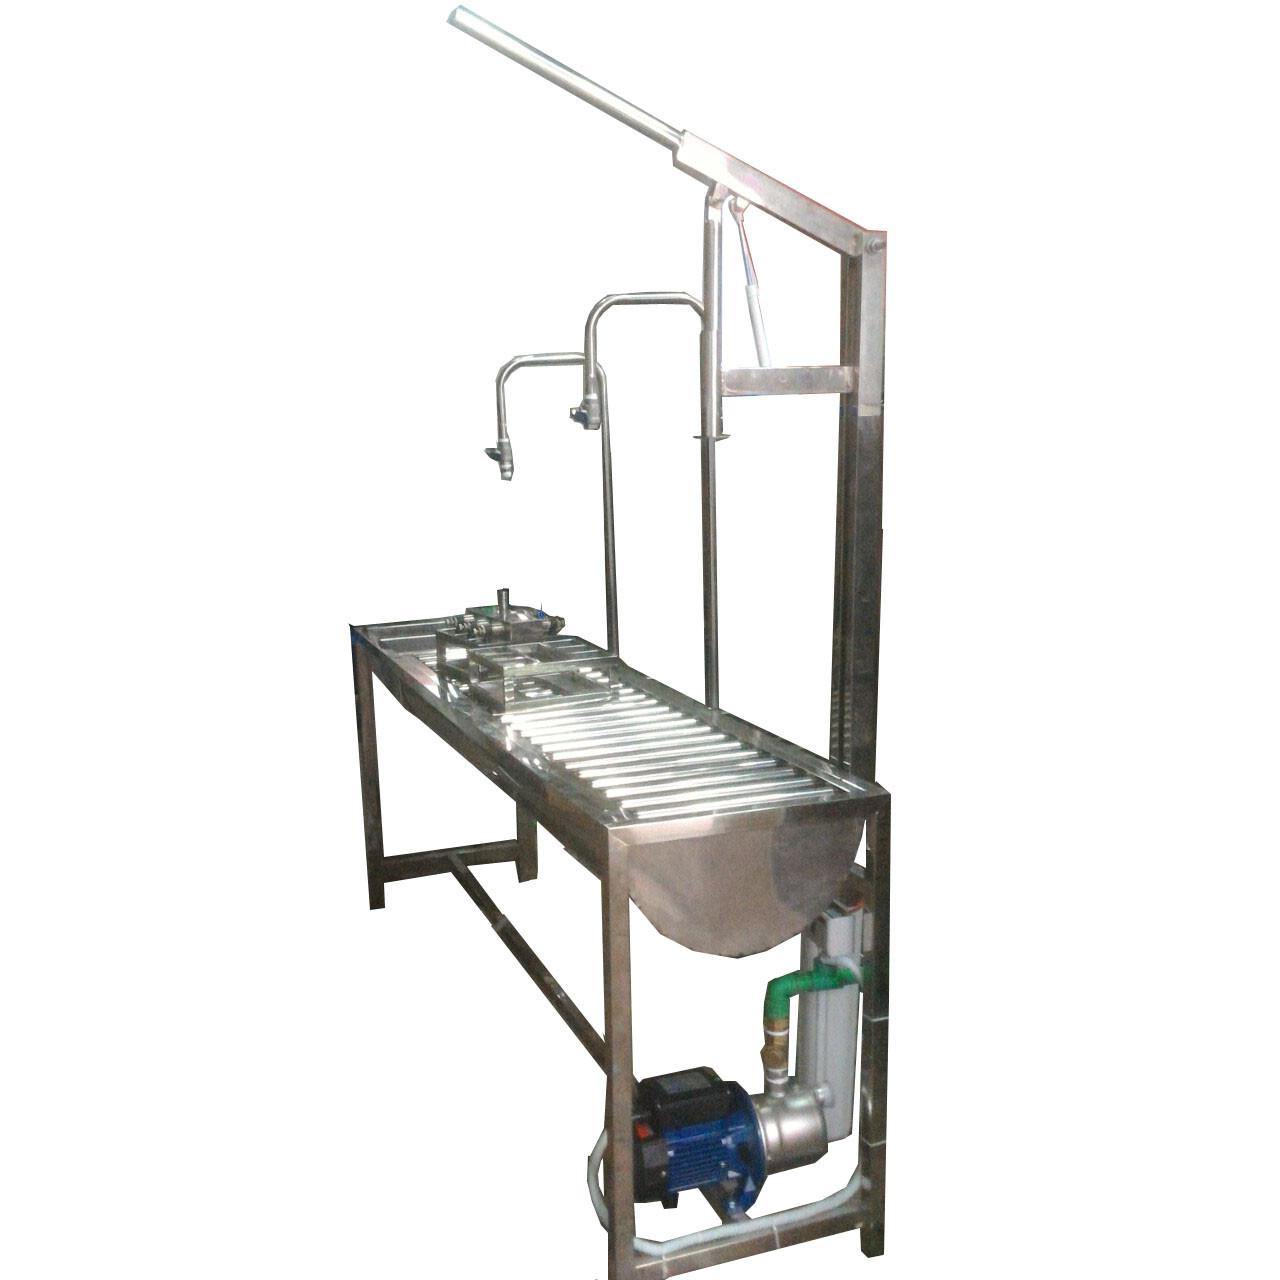 Dây truyền lọc nước tinh khiết đóng bình - Hàng chính hãng